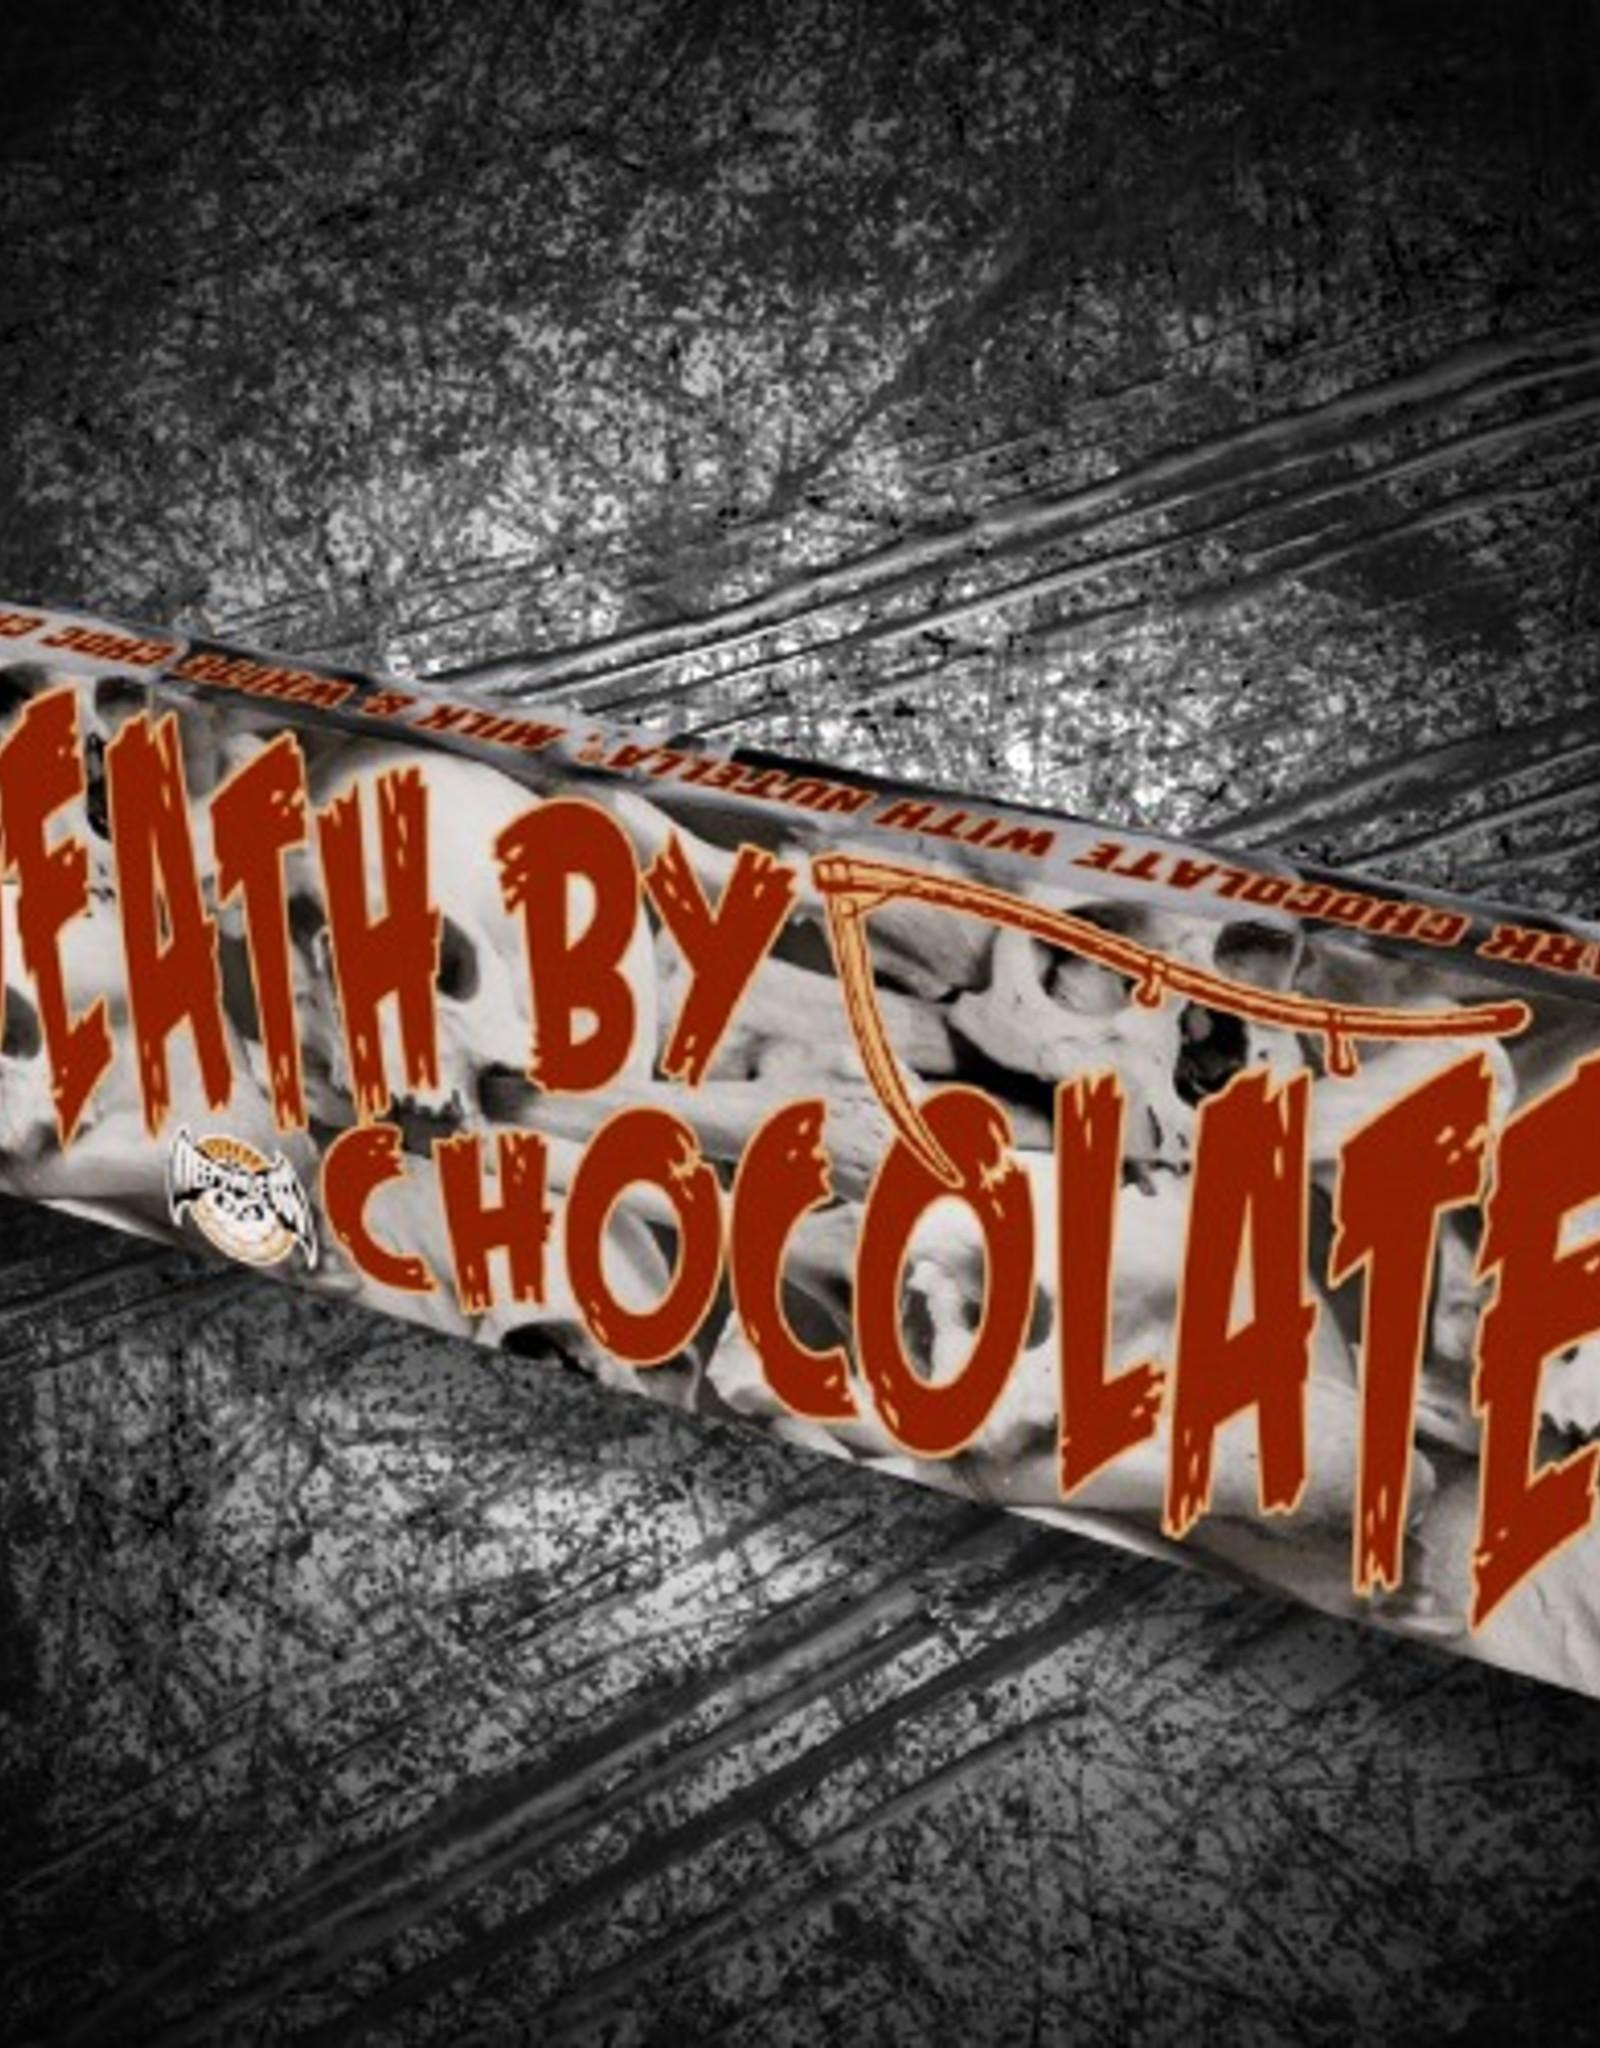 Death By Chocolate Bar